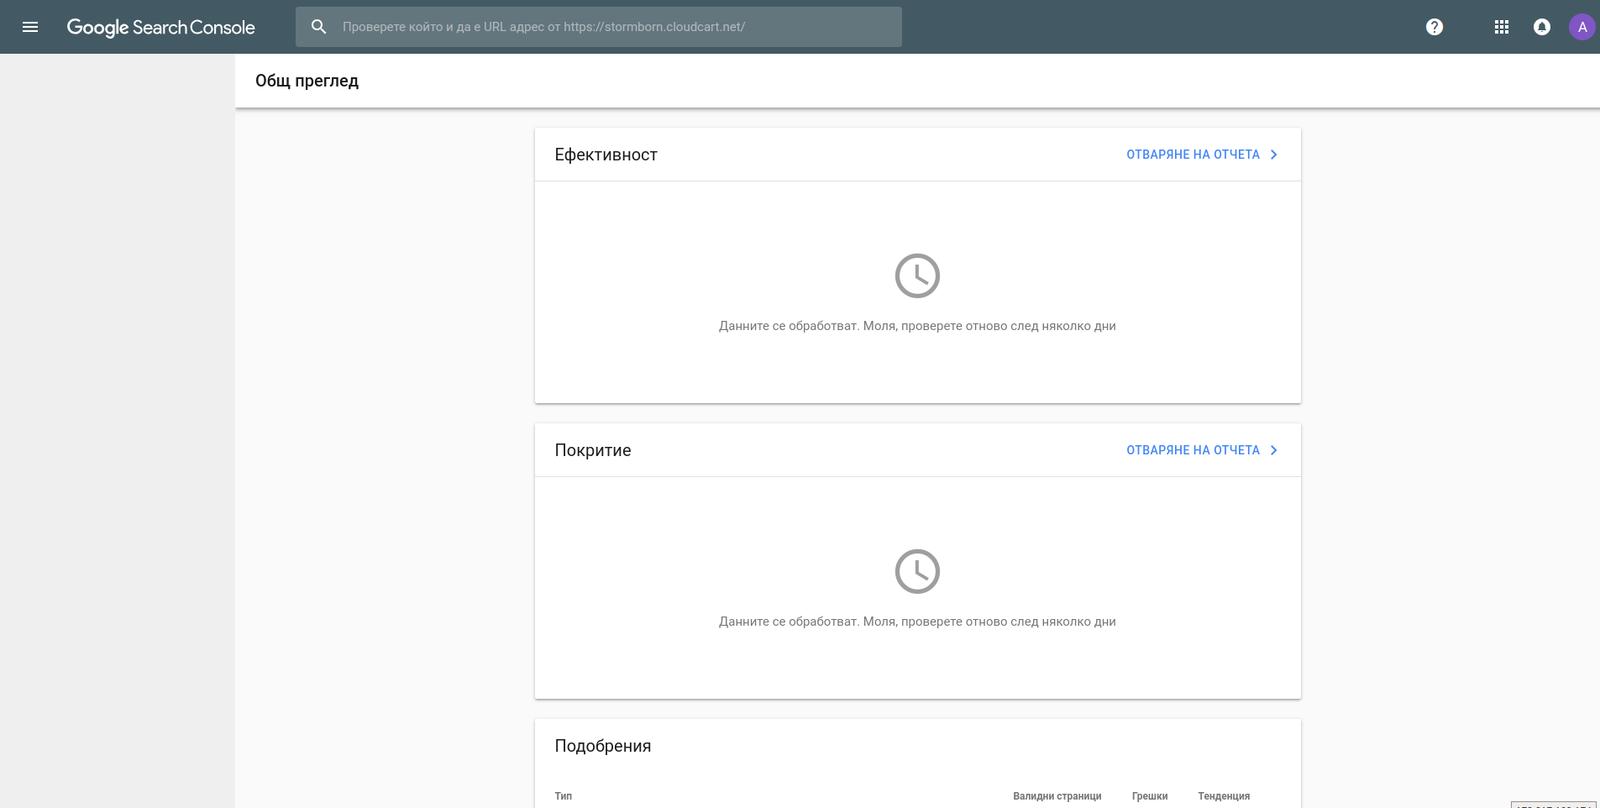 Успешно завършена верификация на сайта в Google Search Console